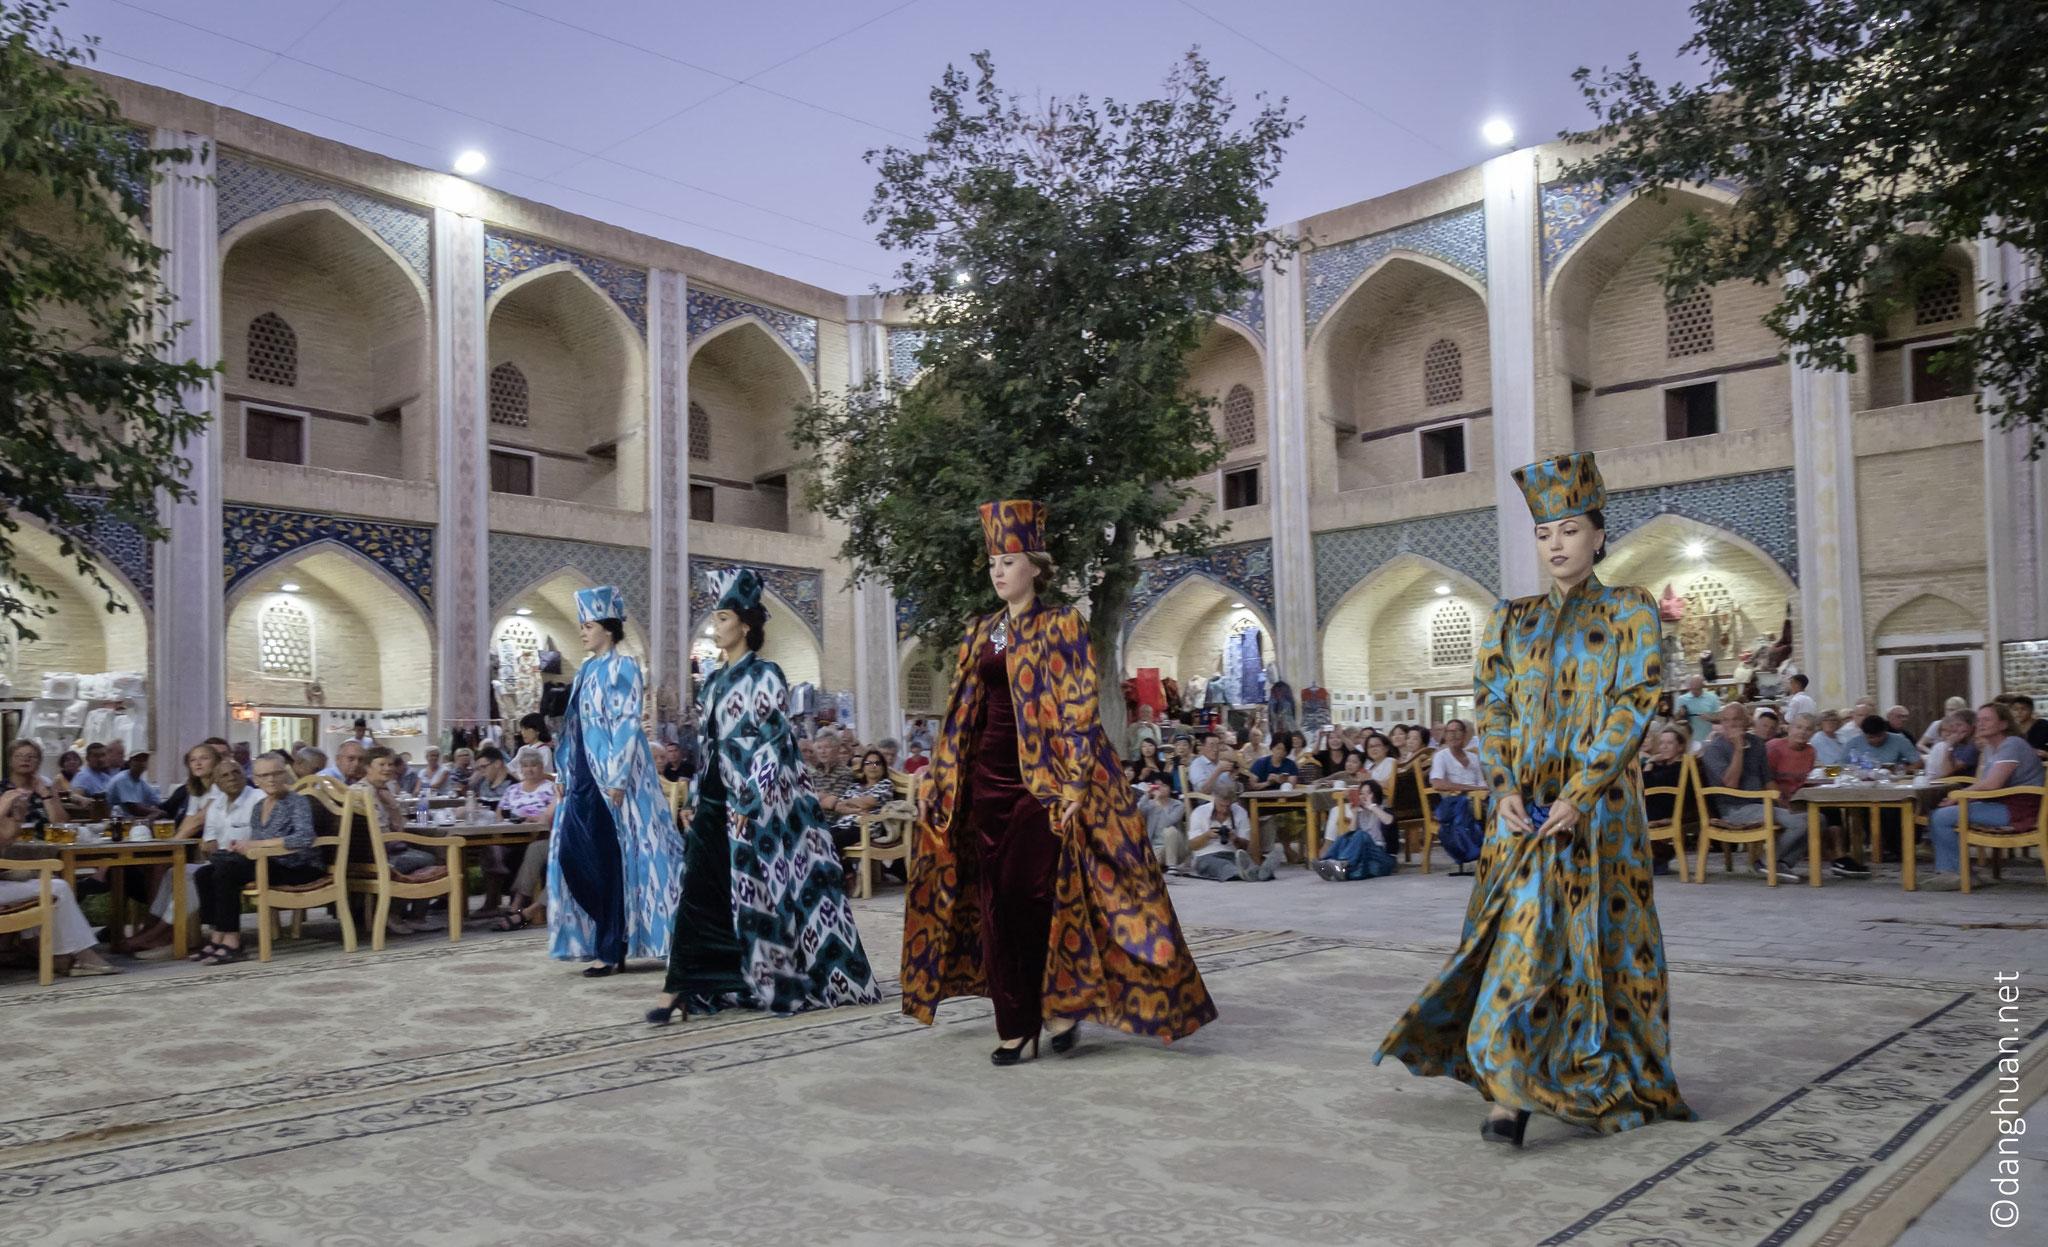 défilé de mode dans le médersa de Nadir divan-begi